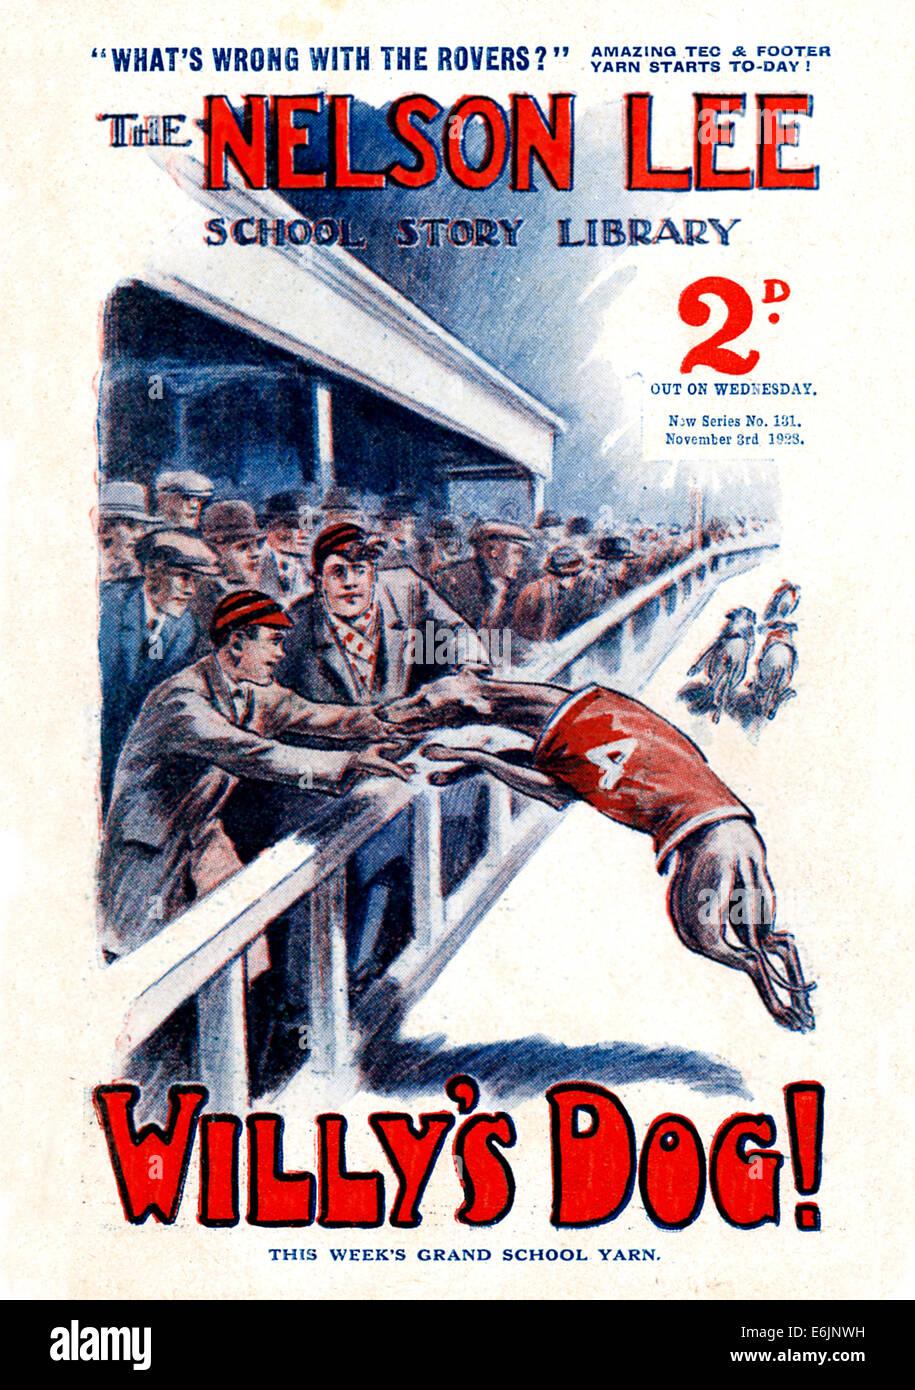 Willys Hund, 1920er Jahre Comic-Buch-Cover mit einer Windhund-Rennsport-Geschichte Stockbild